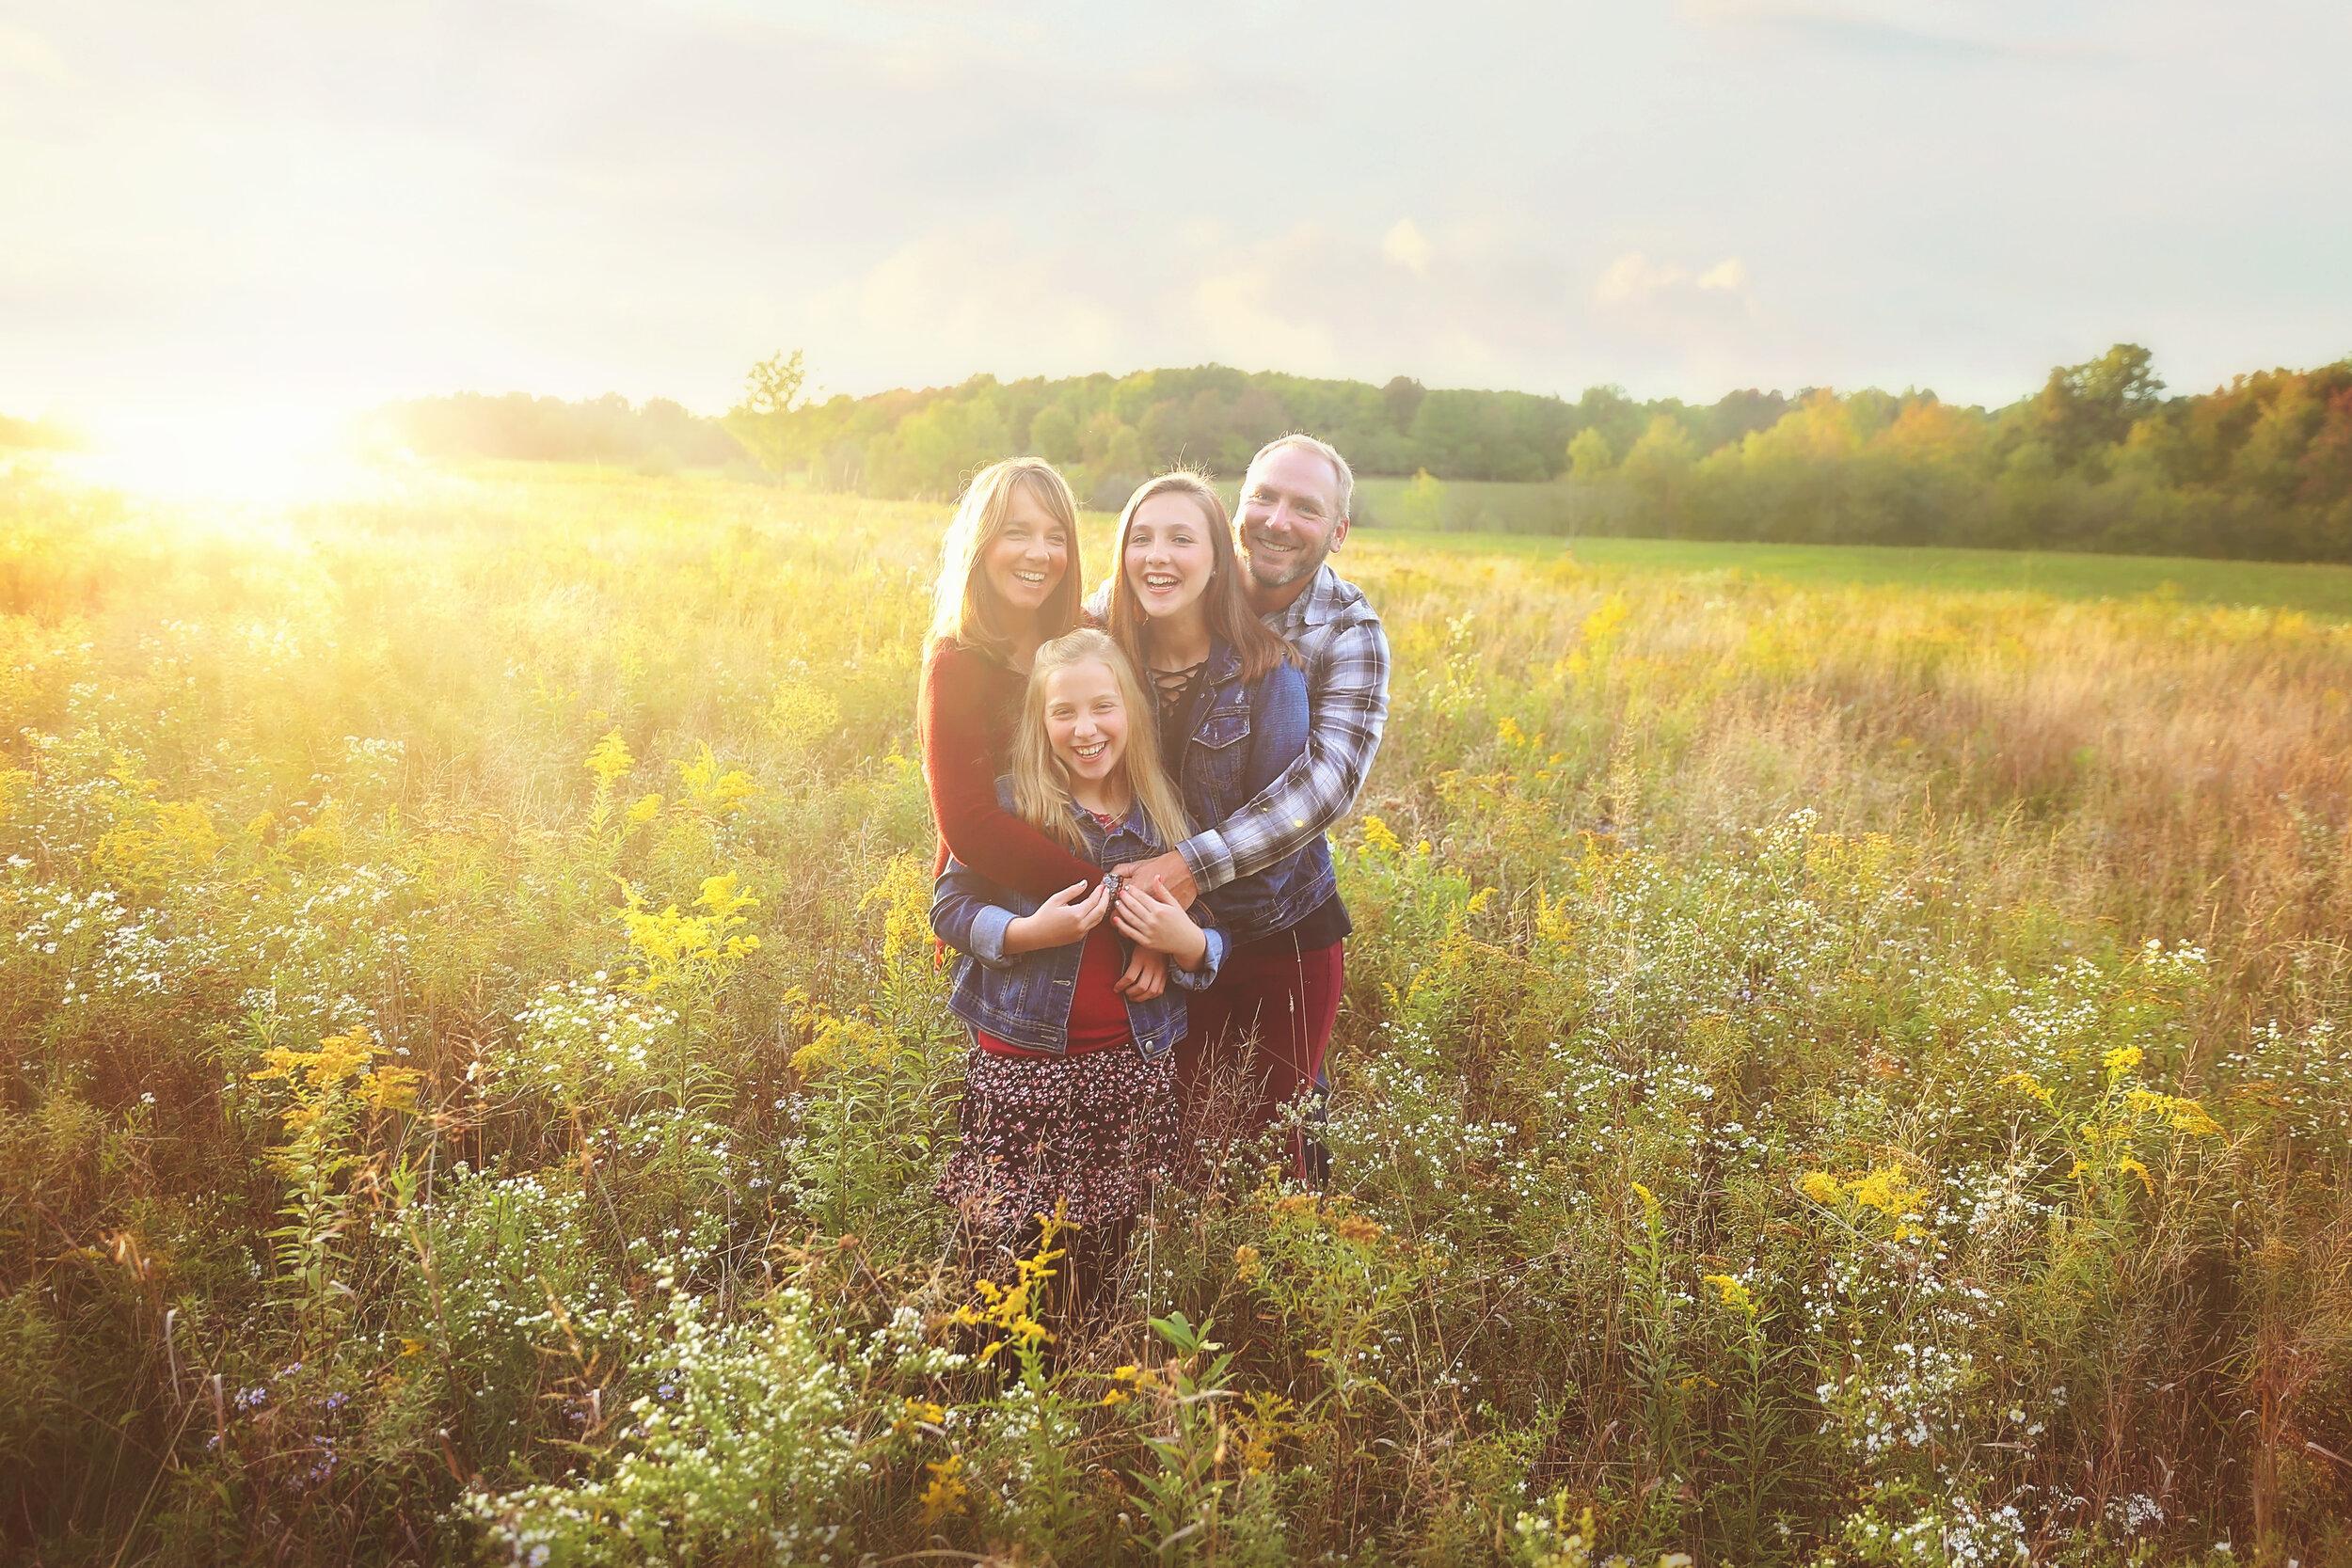 hamburg, ny family photo session